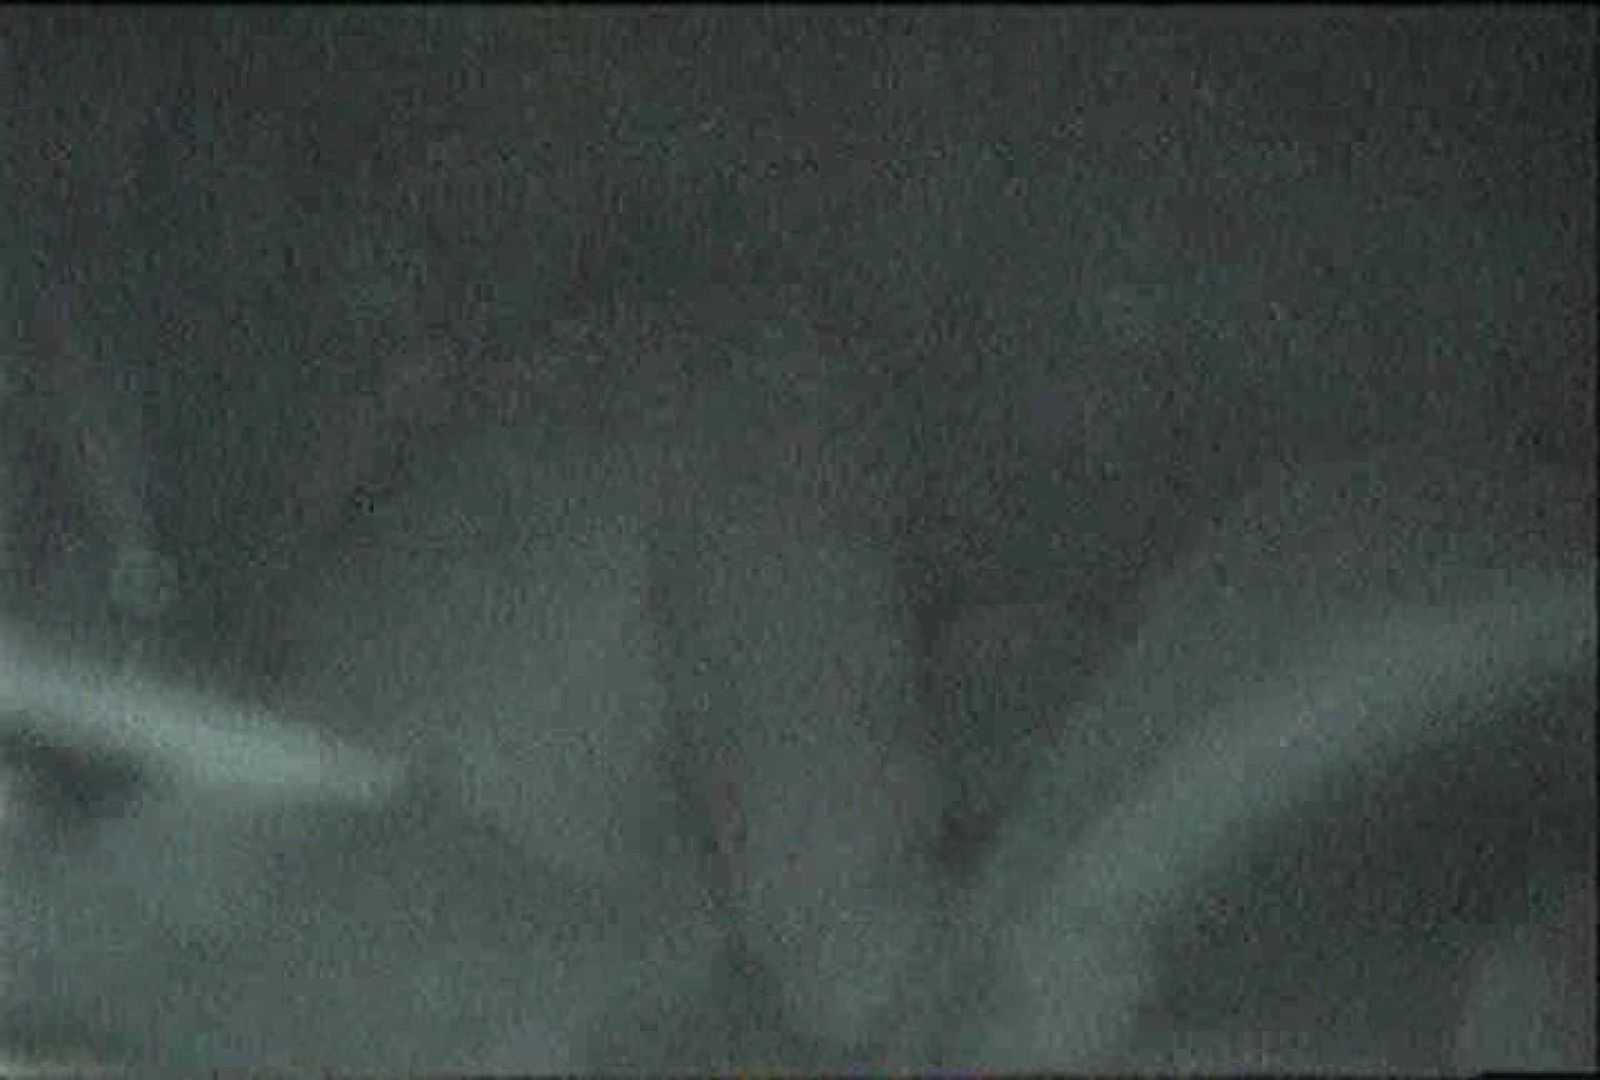 充血監督の深夜の運動会Vol.78 カップルのセックス | OLヌード天国  51PIX 27